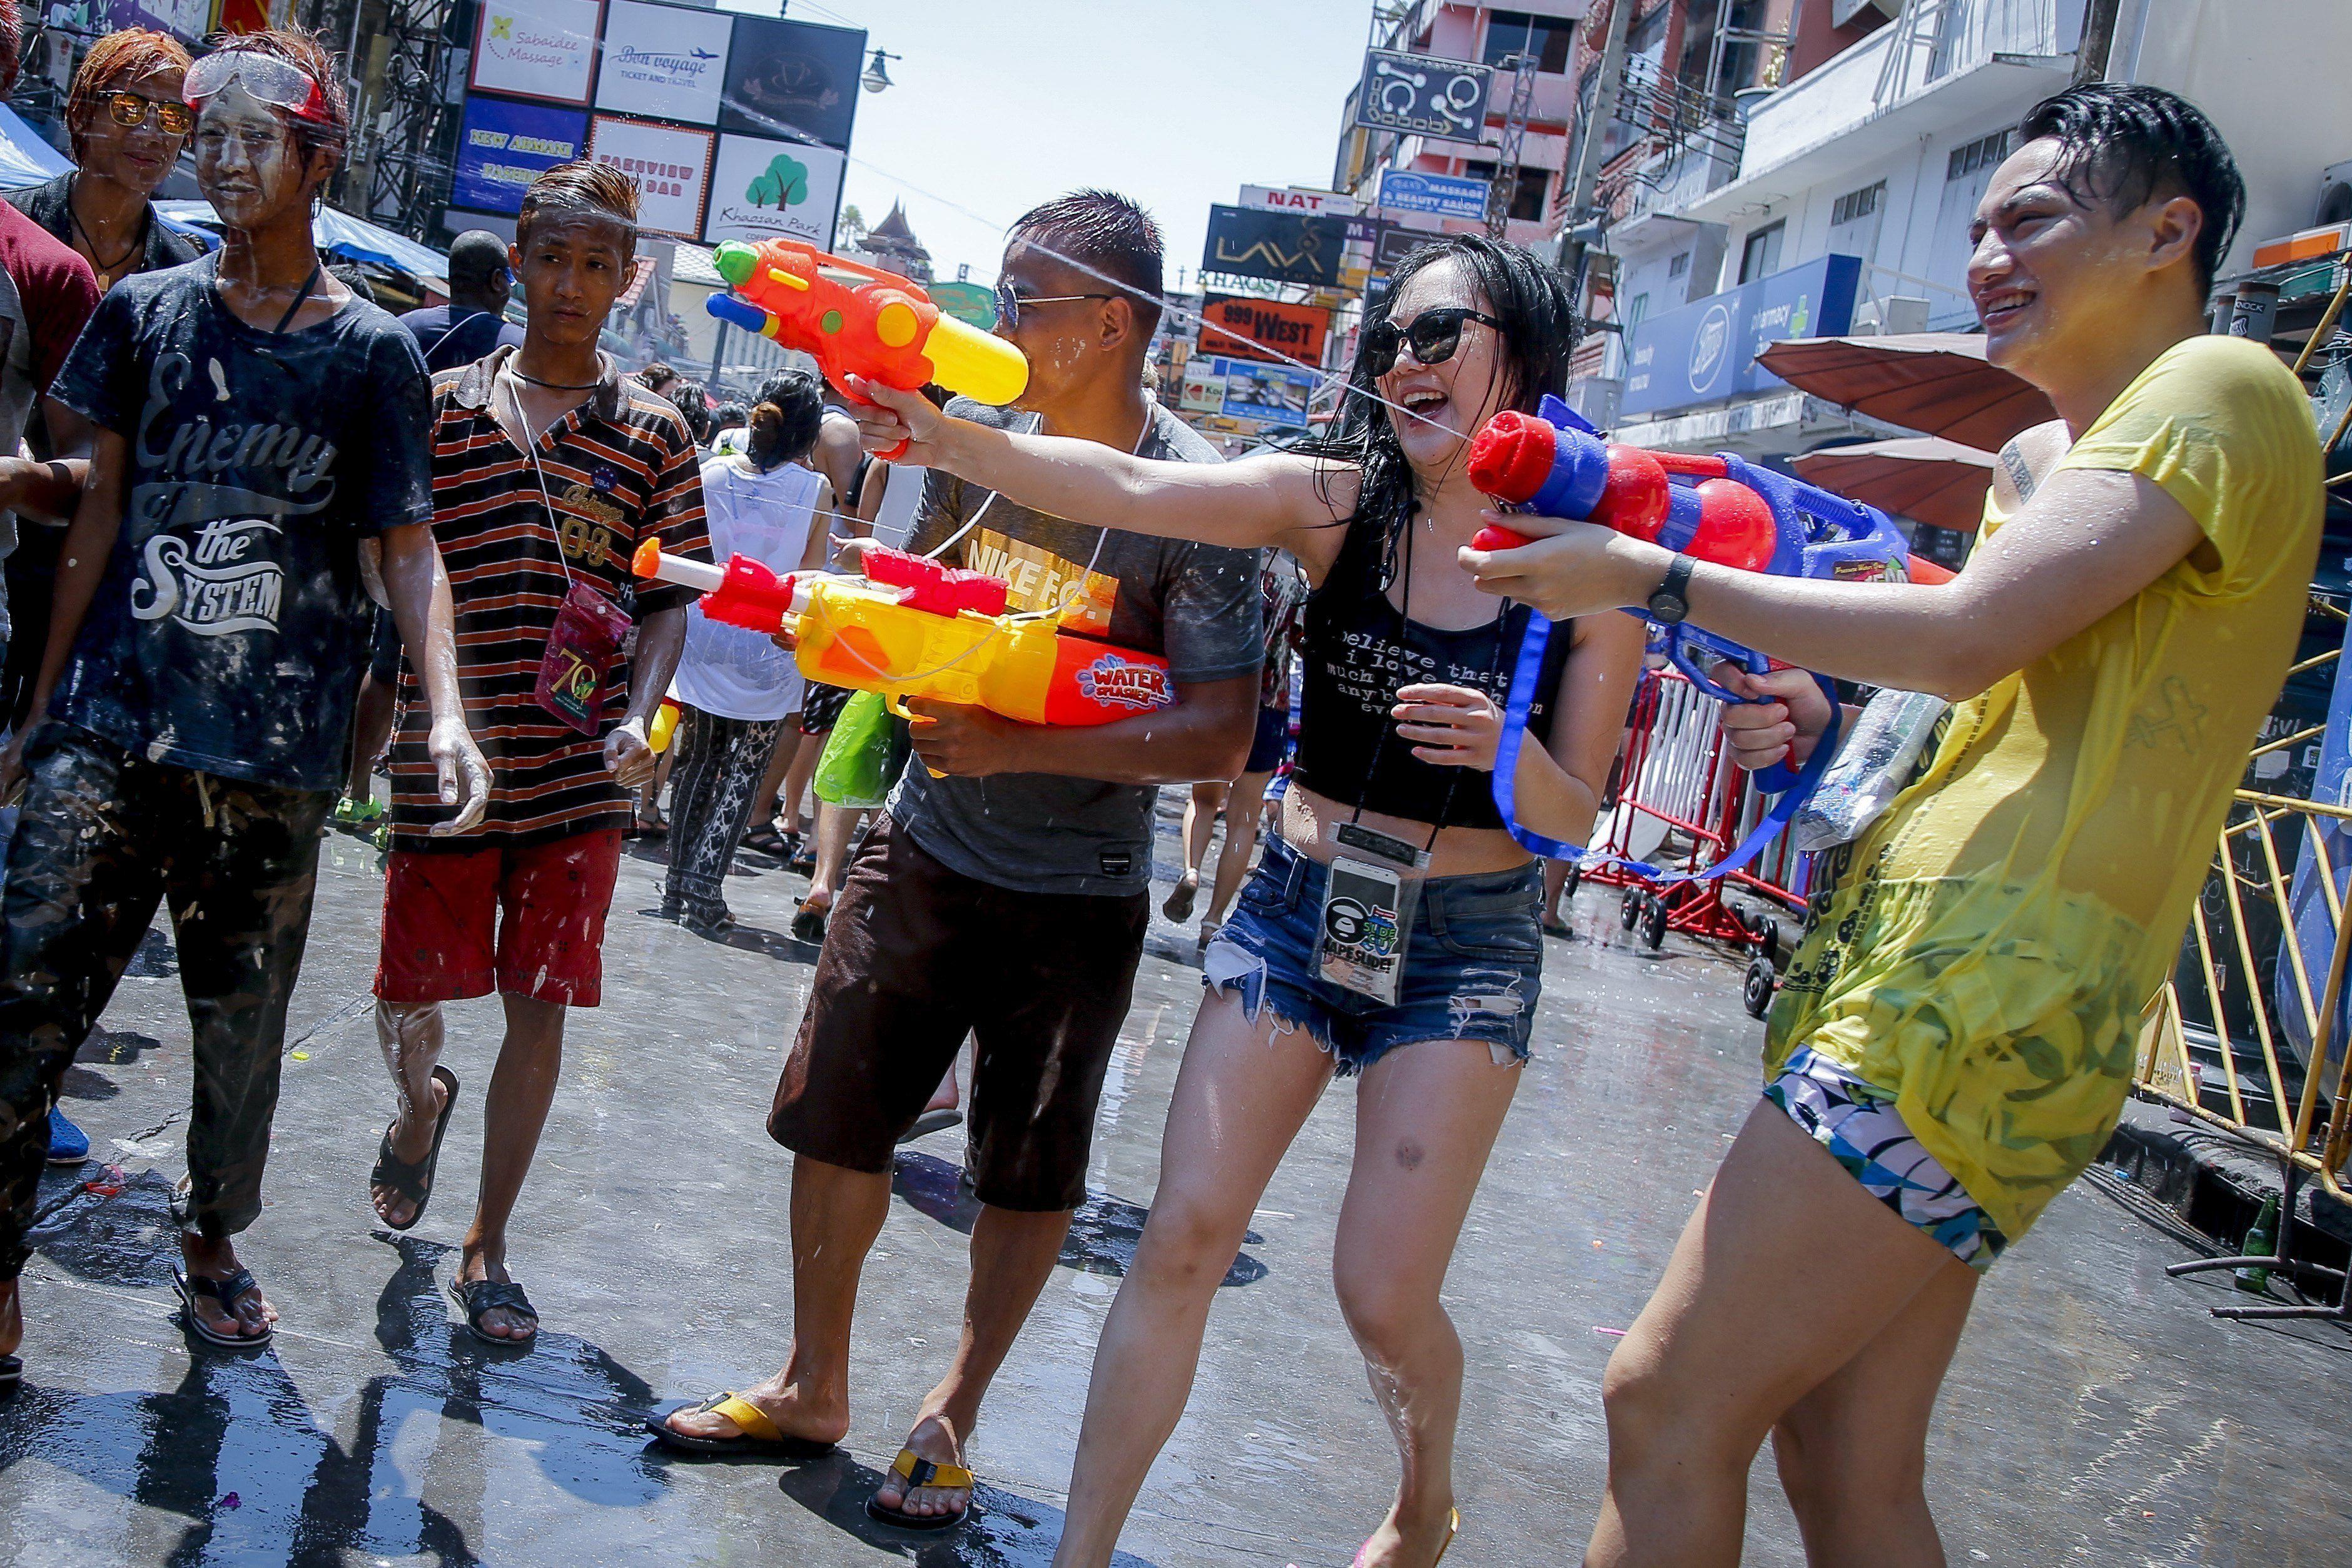 Los festejos del Songkran en Tailandia